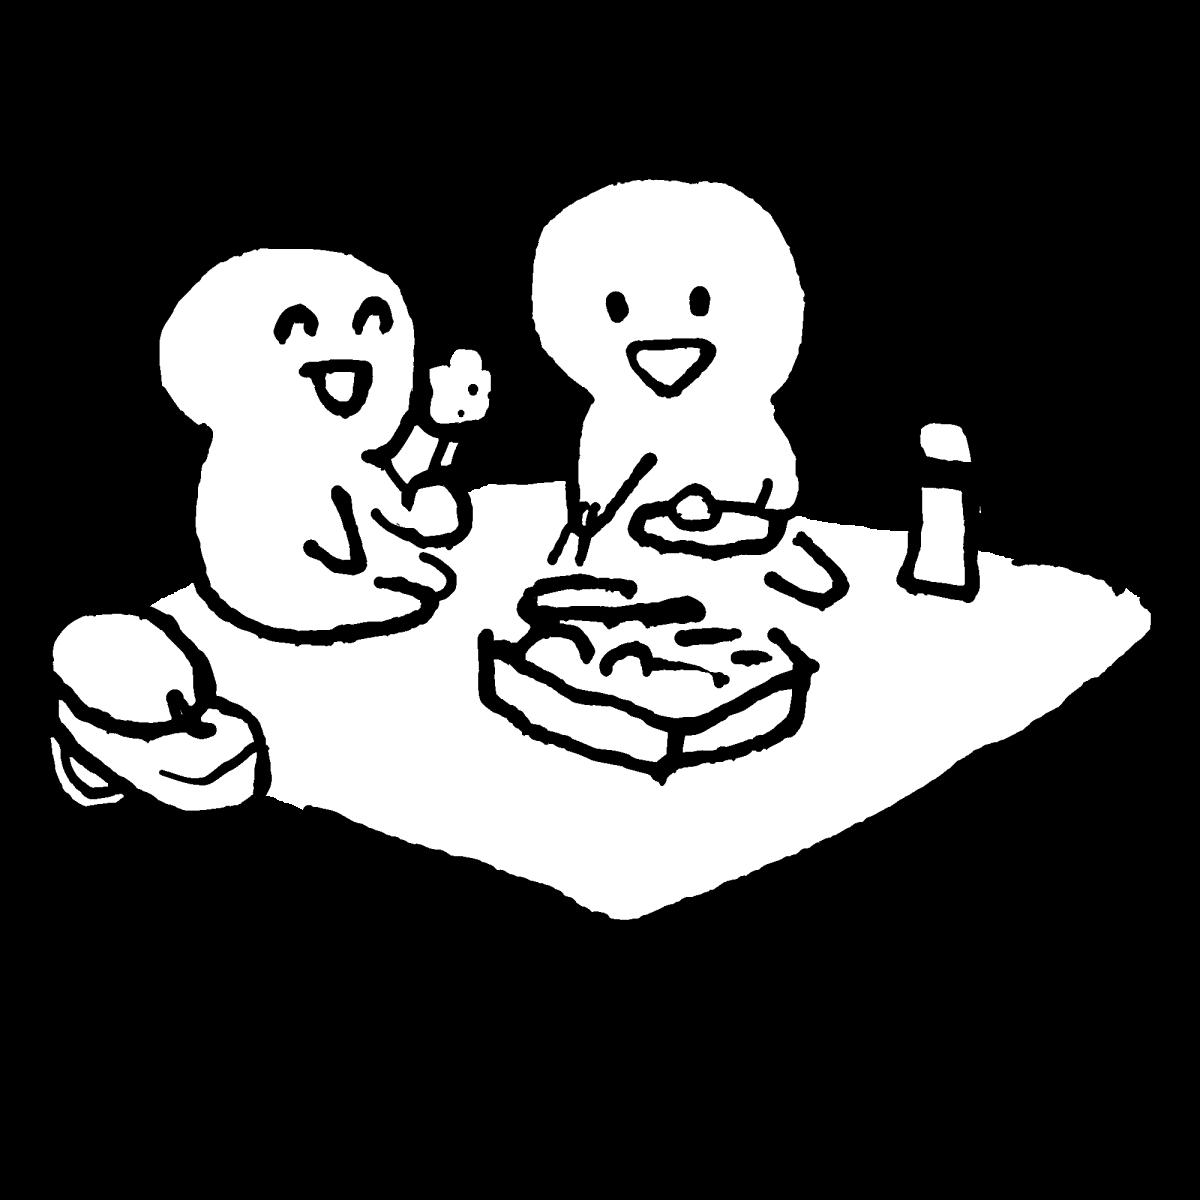 遠足のランチタイムのイラスト / lunchtime of the excursion Illustration